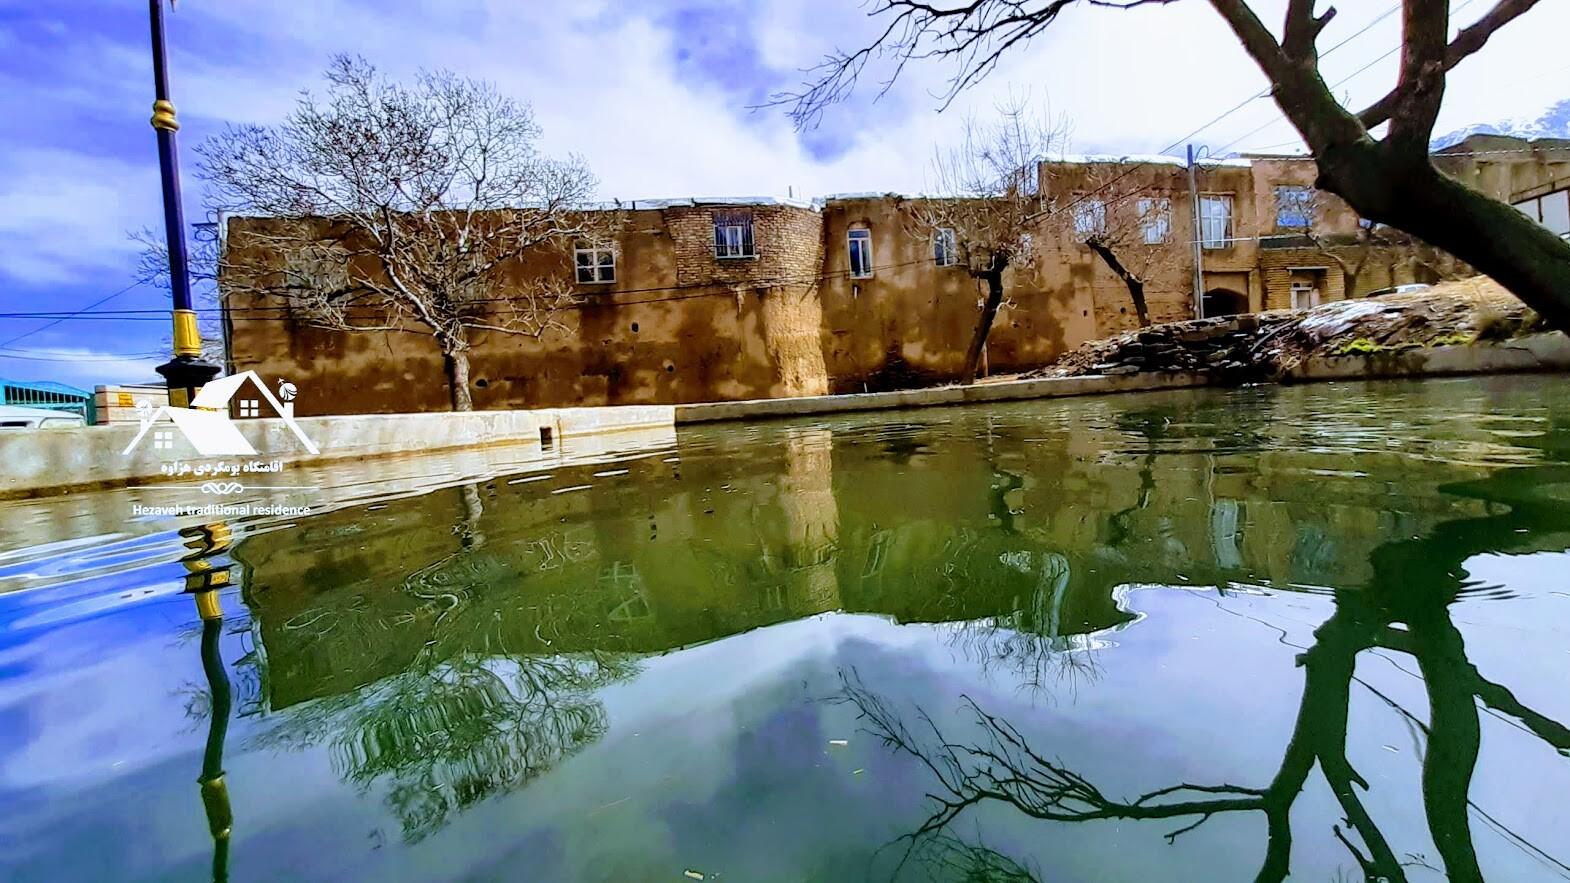 hezaveh-Village (2).jpg